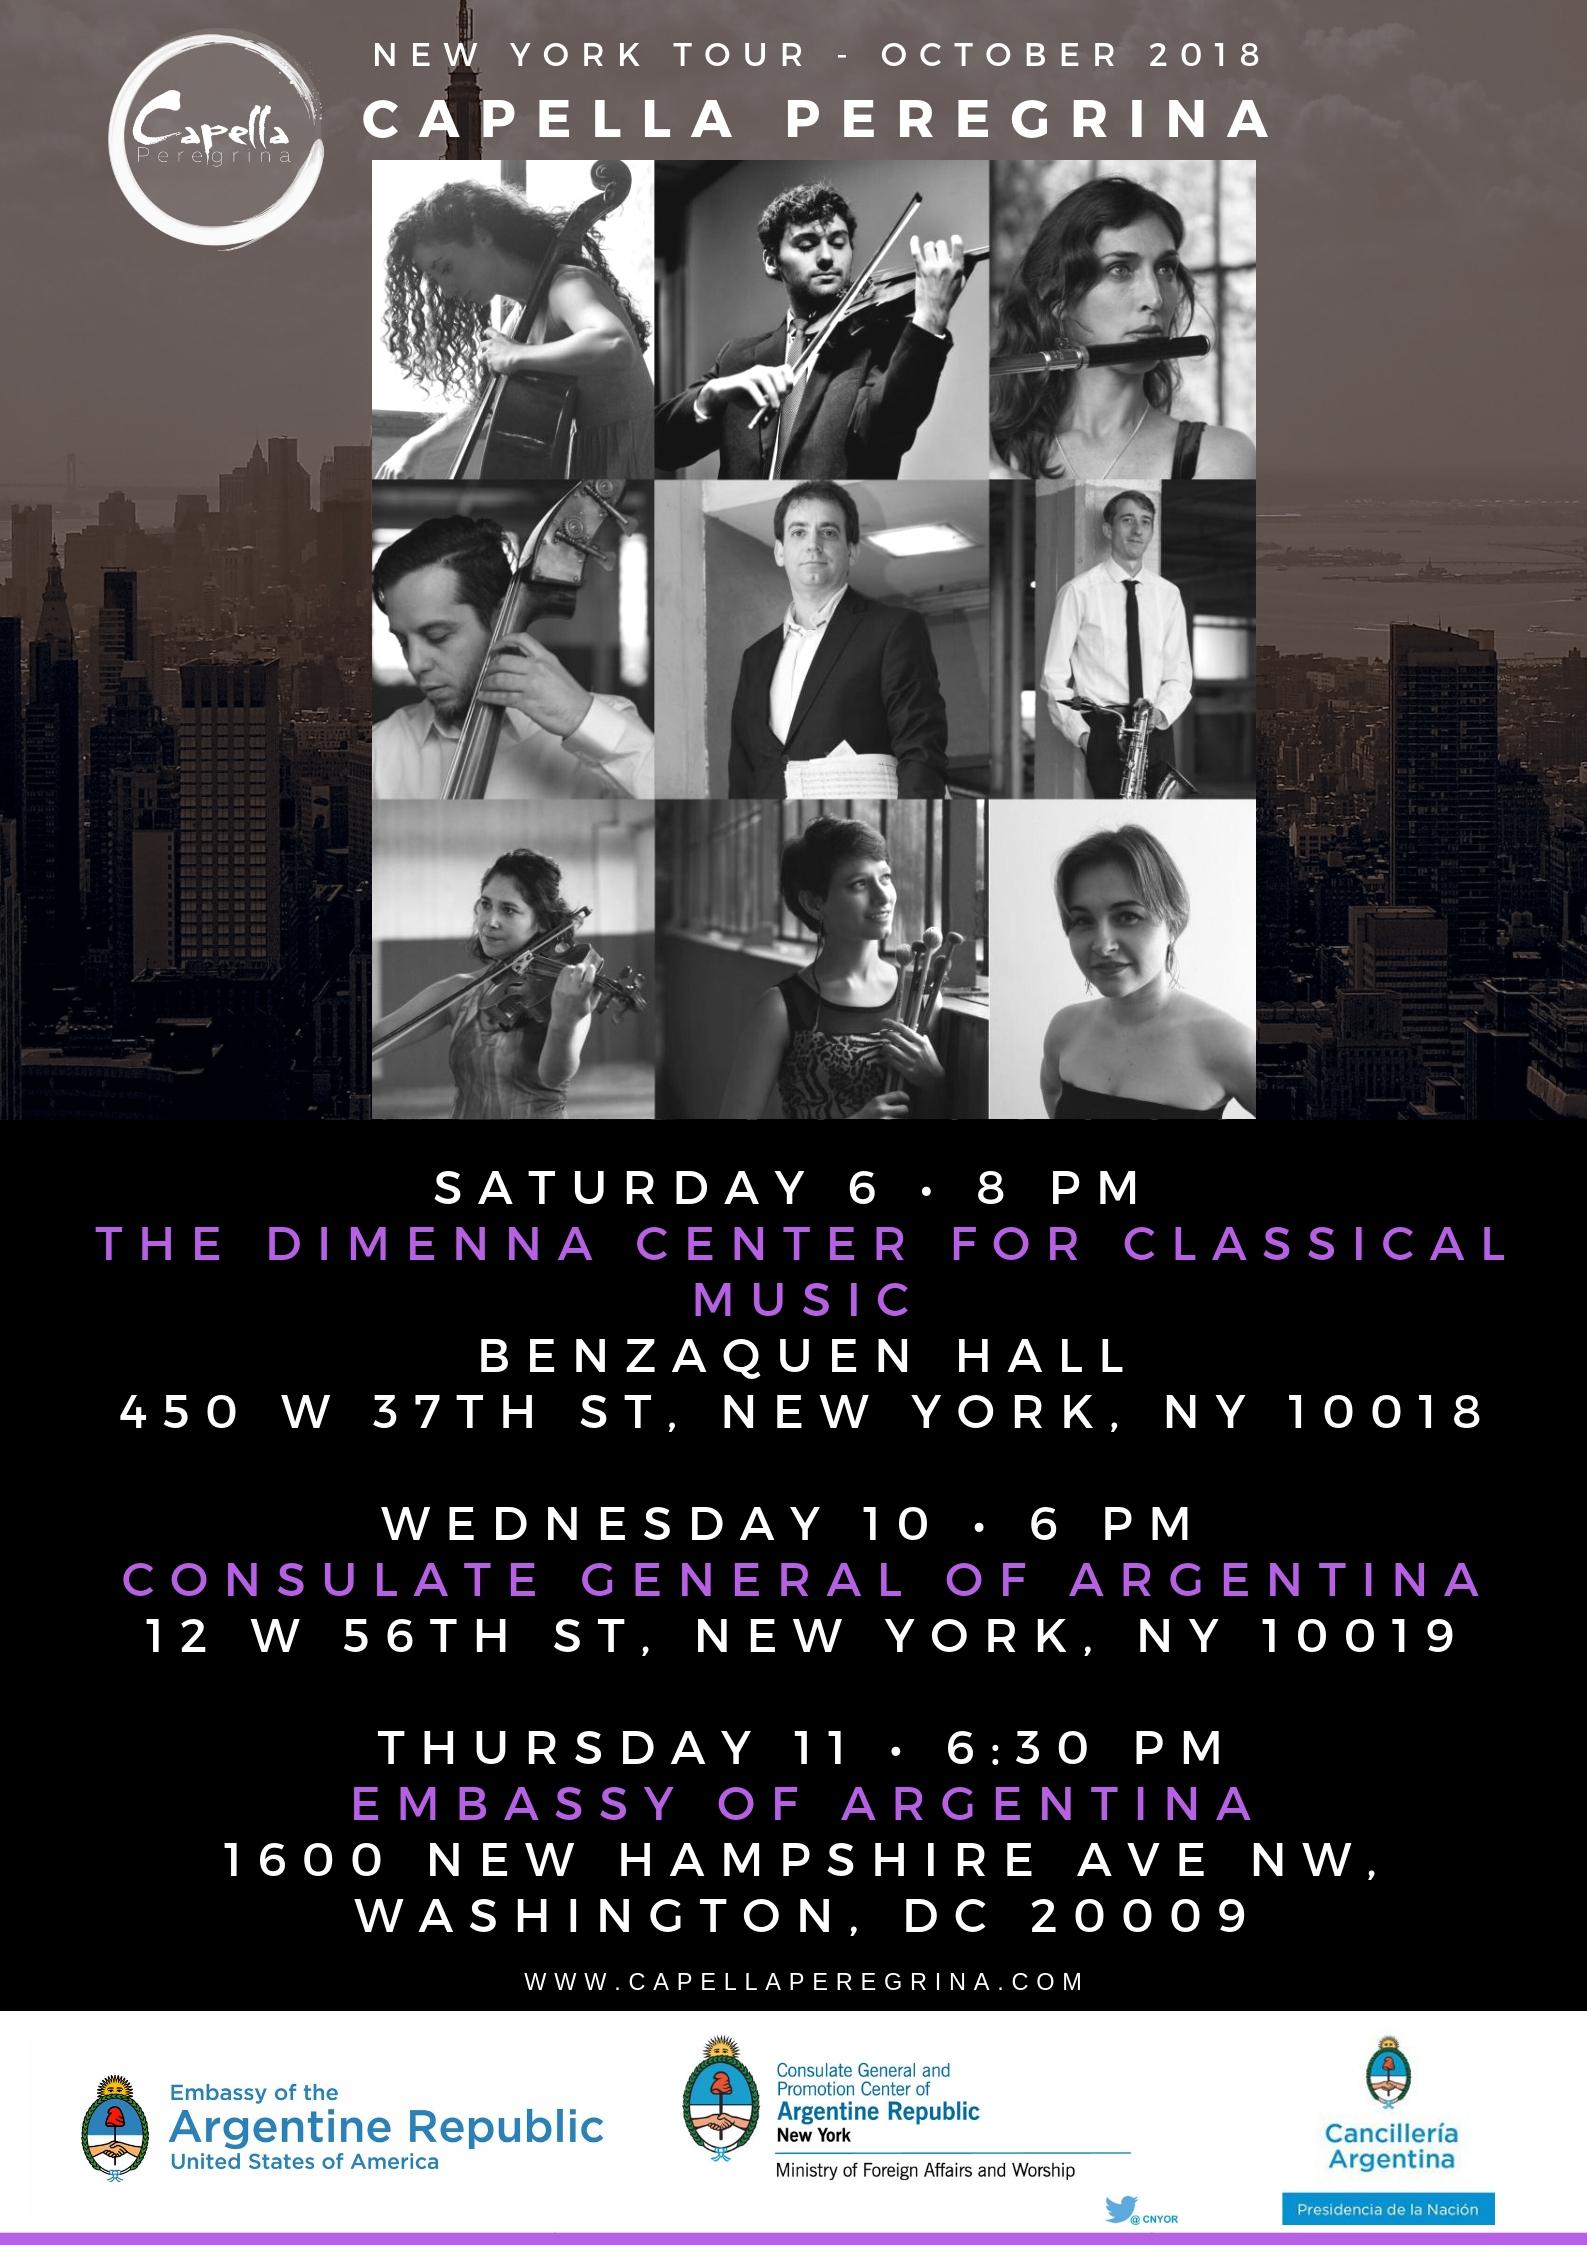 NYC TOUR -OCT 2018